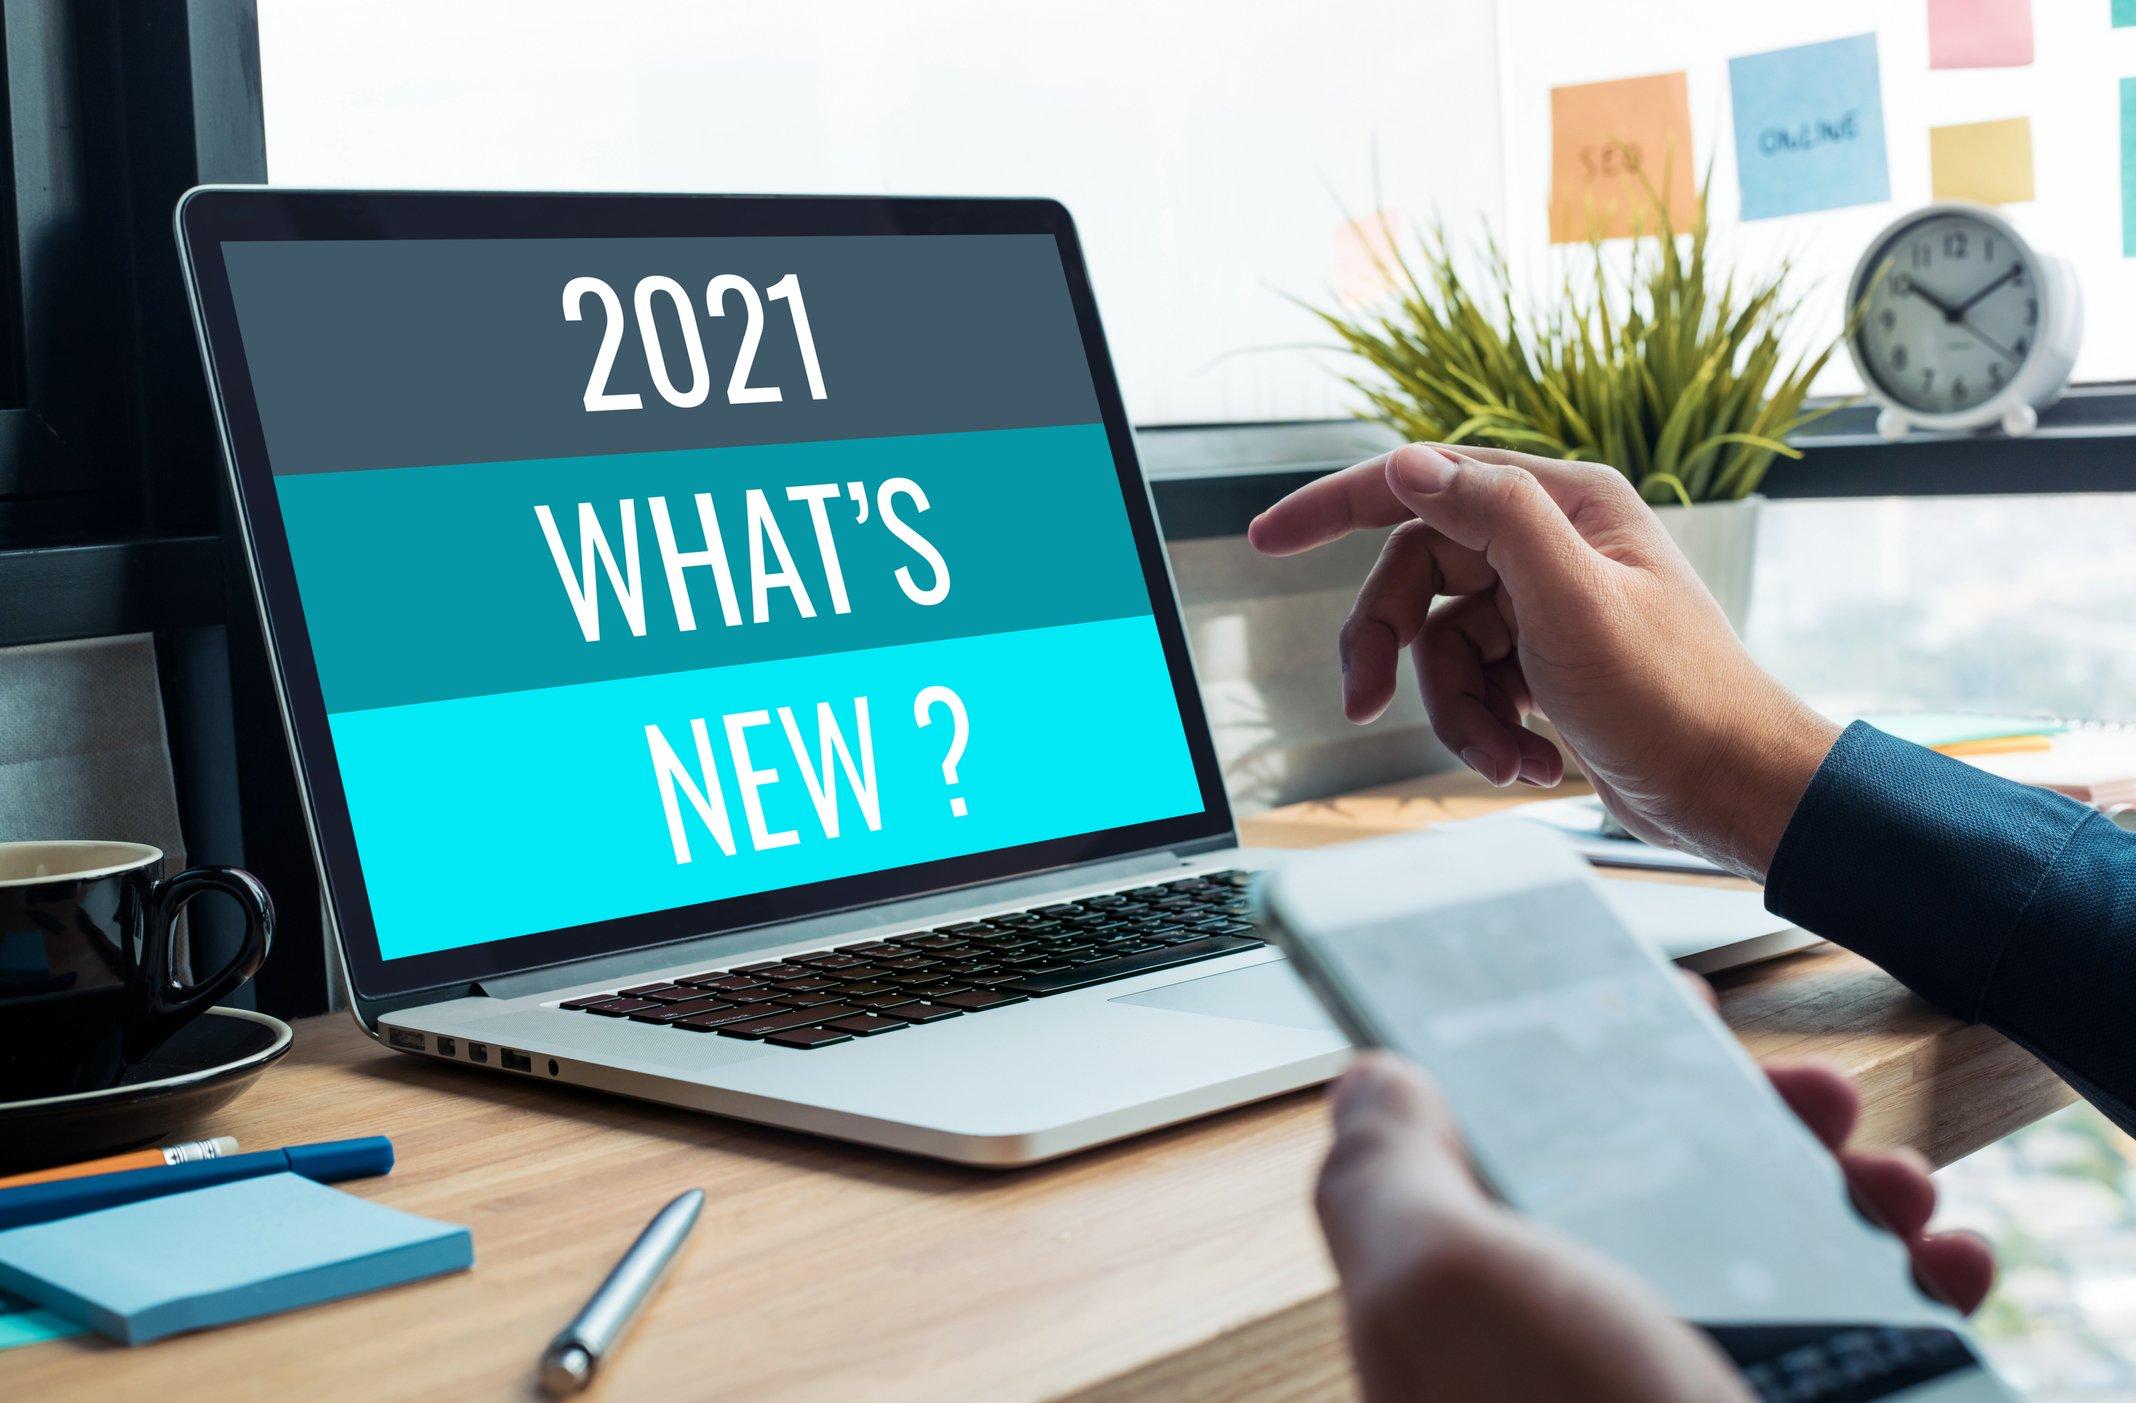 Dati globali digital marketing 2021: crescita e connessione